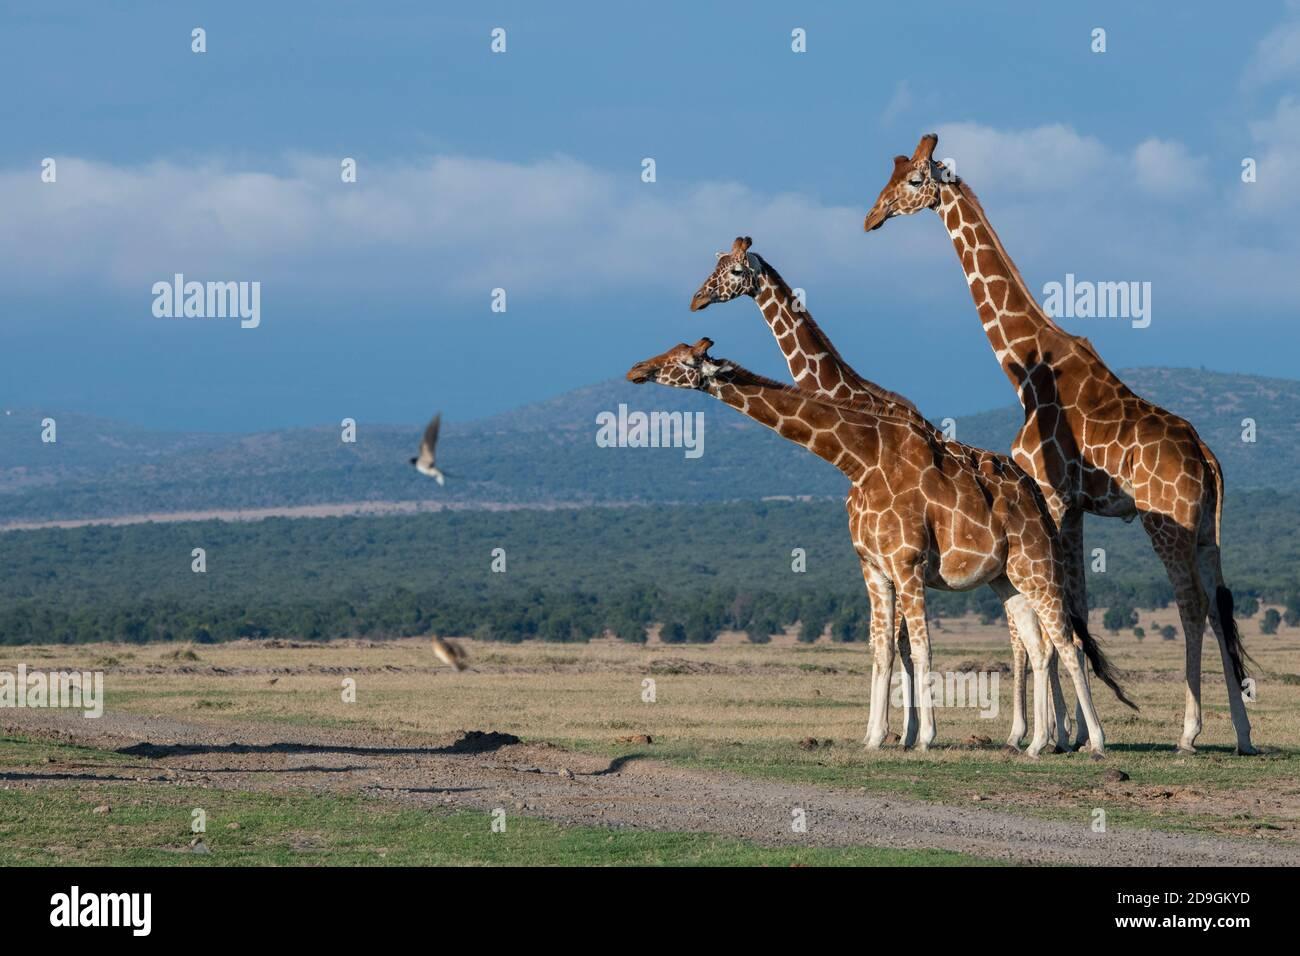 Africa, Kenya, Plateau di Laikipia, Distretto di frontiera settentrionale, Conservatorio di OL Pejeta. Giraffe reticolate (SELVATICHE: Giraffa camelopardalis reticulata) Foto Stock